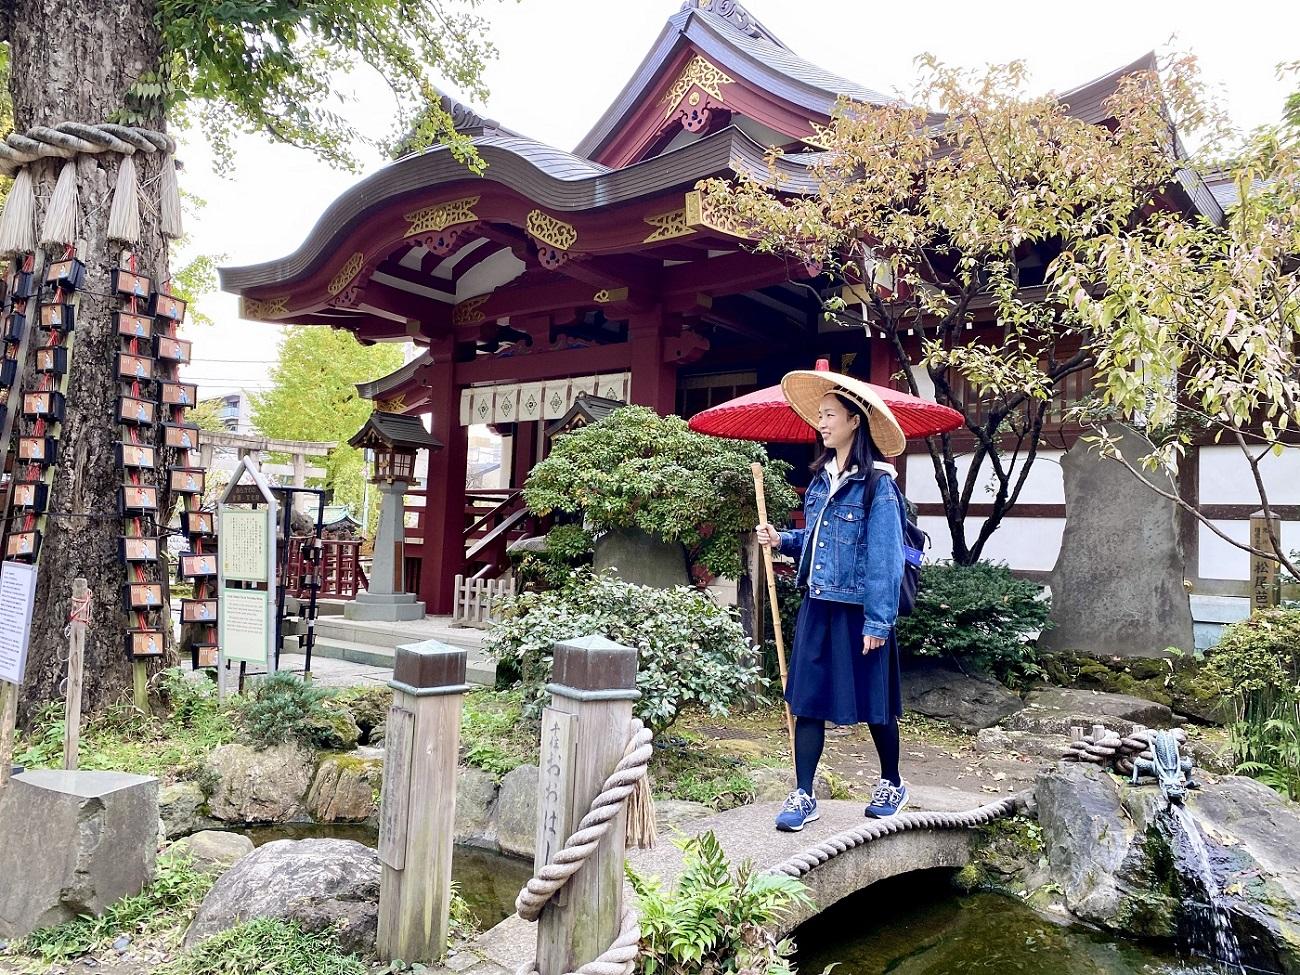 「行く秋や鳥啼き猫は毛づくろい」(町田)。季節の移り変わりの速さにビビる感じを芭蕉風に表してみました……。